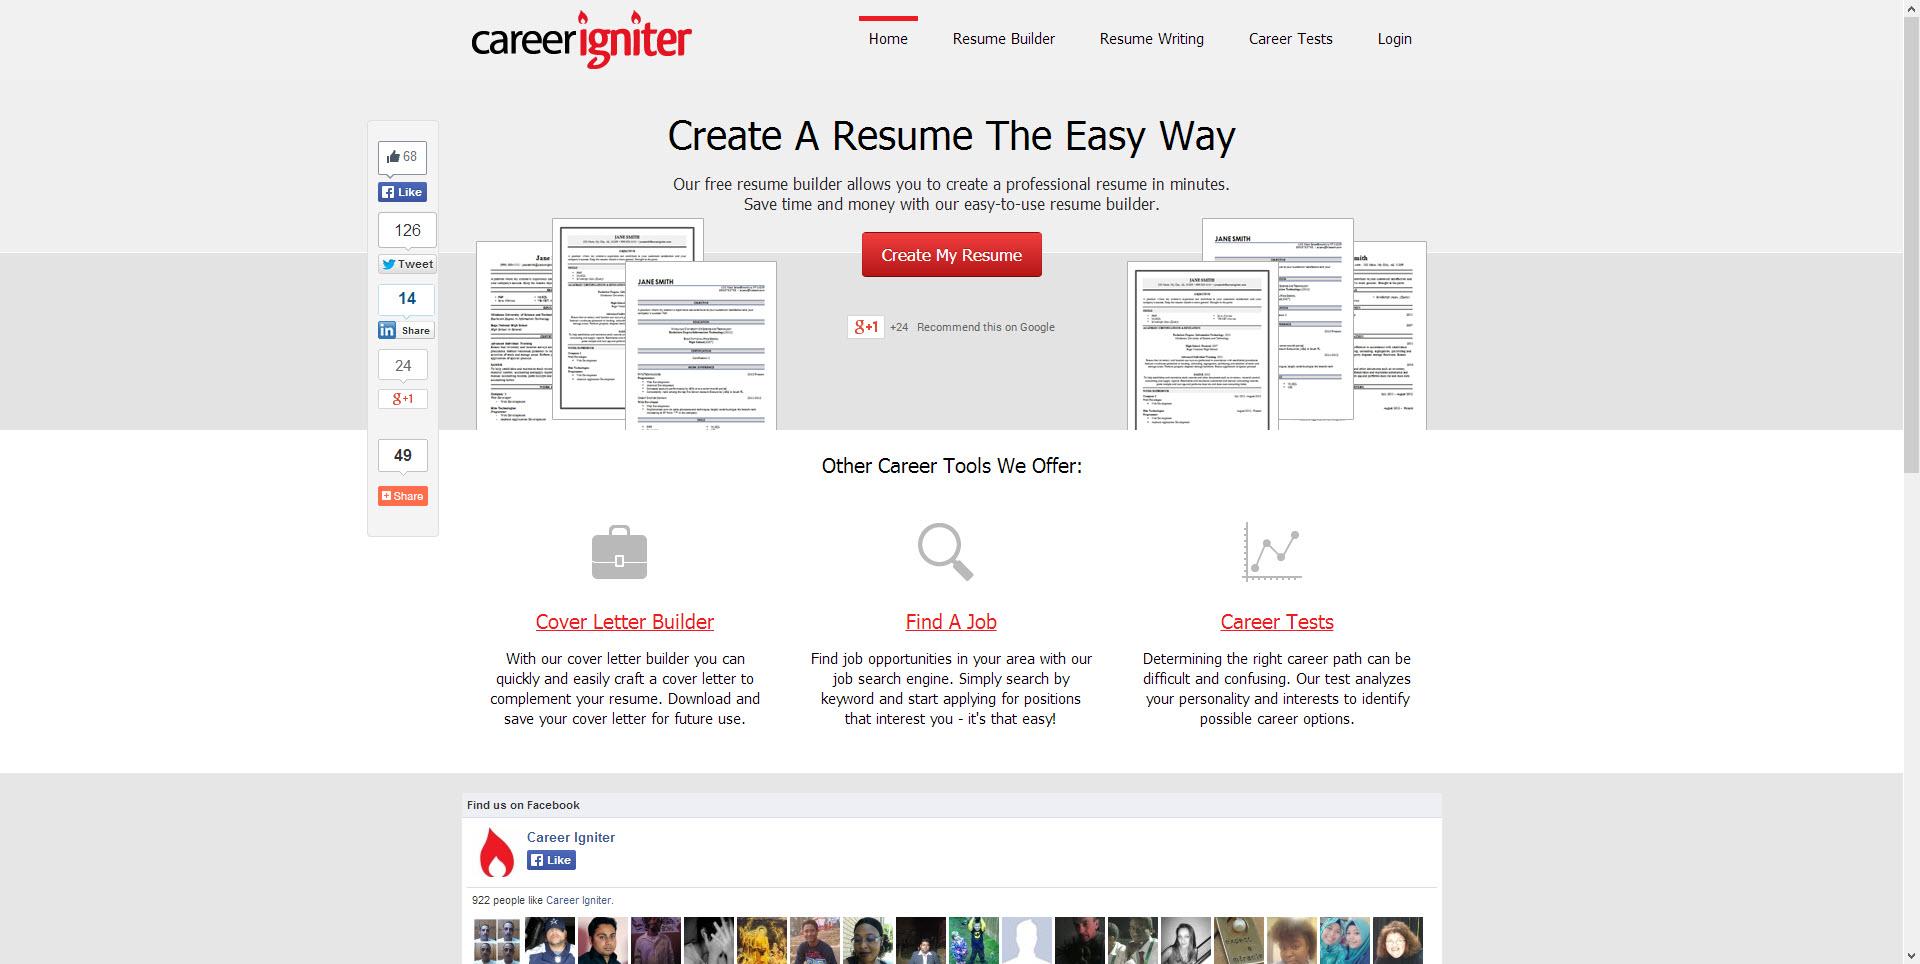 Careerigniter